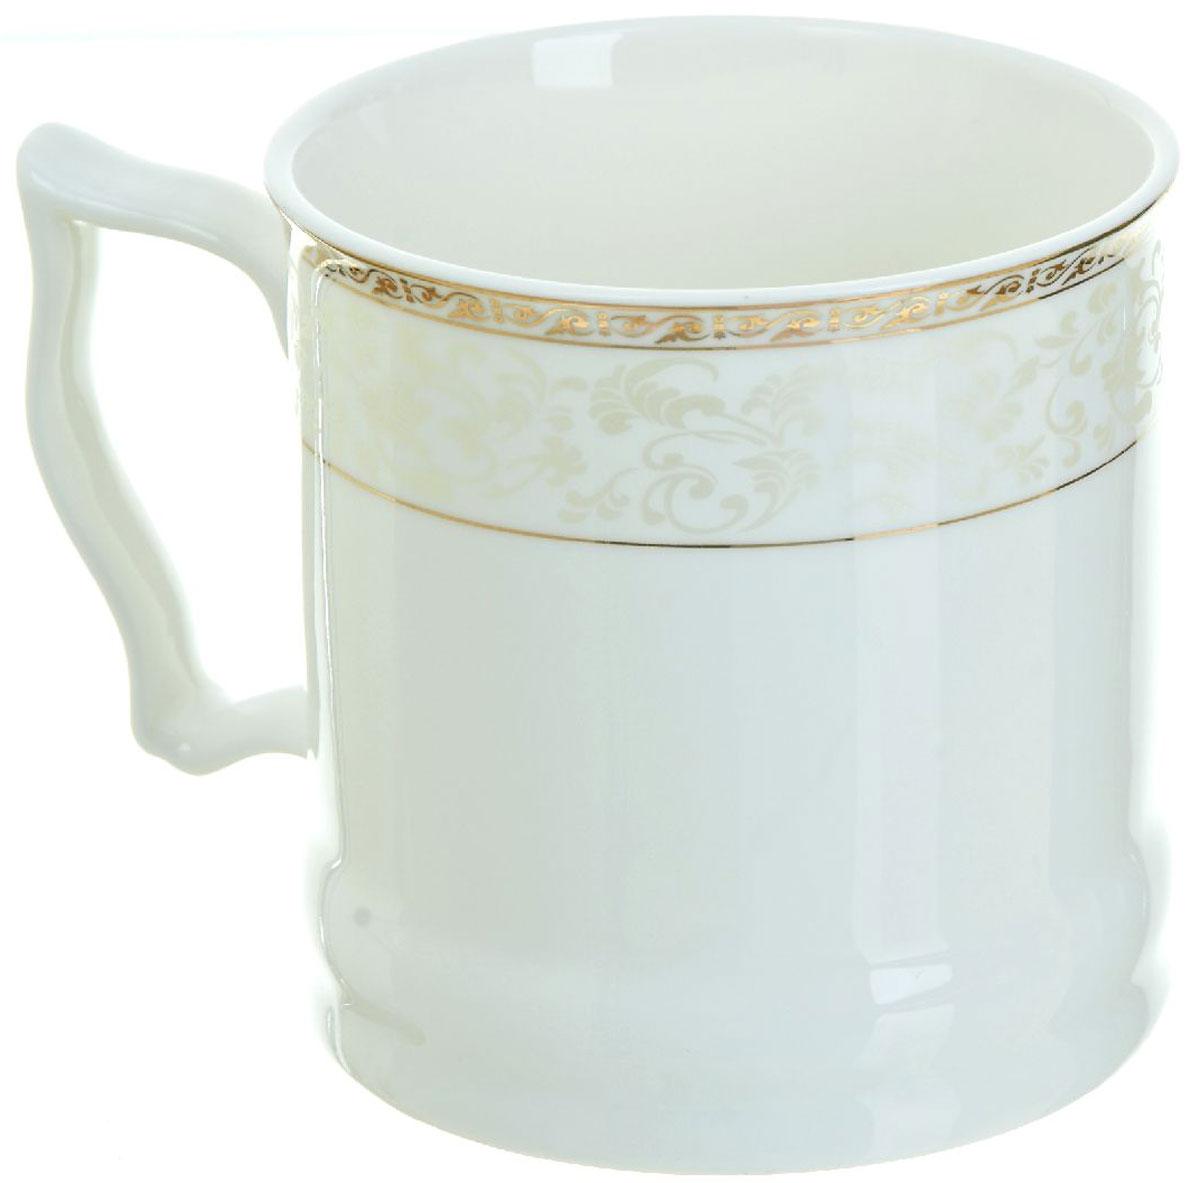 Кружка BHP Королевская кружка, 500 мл. 18700041870004Оригинальная кружка Best Home Porcelain, выполненная из высококачественного фарфора, сочетает в себе простой, утонченный дизайн с максимальной функциональностью. Можно использовать в посудомоечной машине.